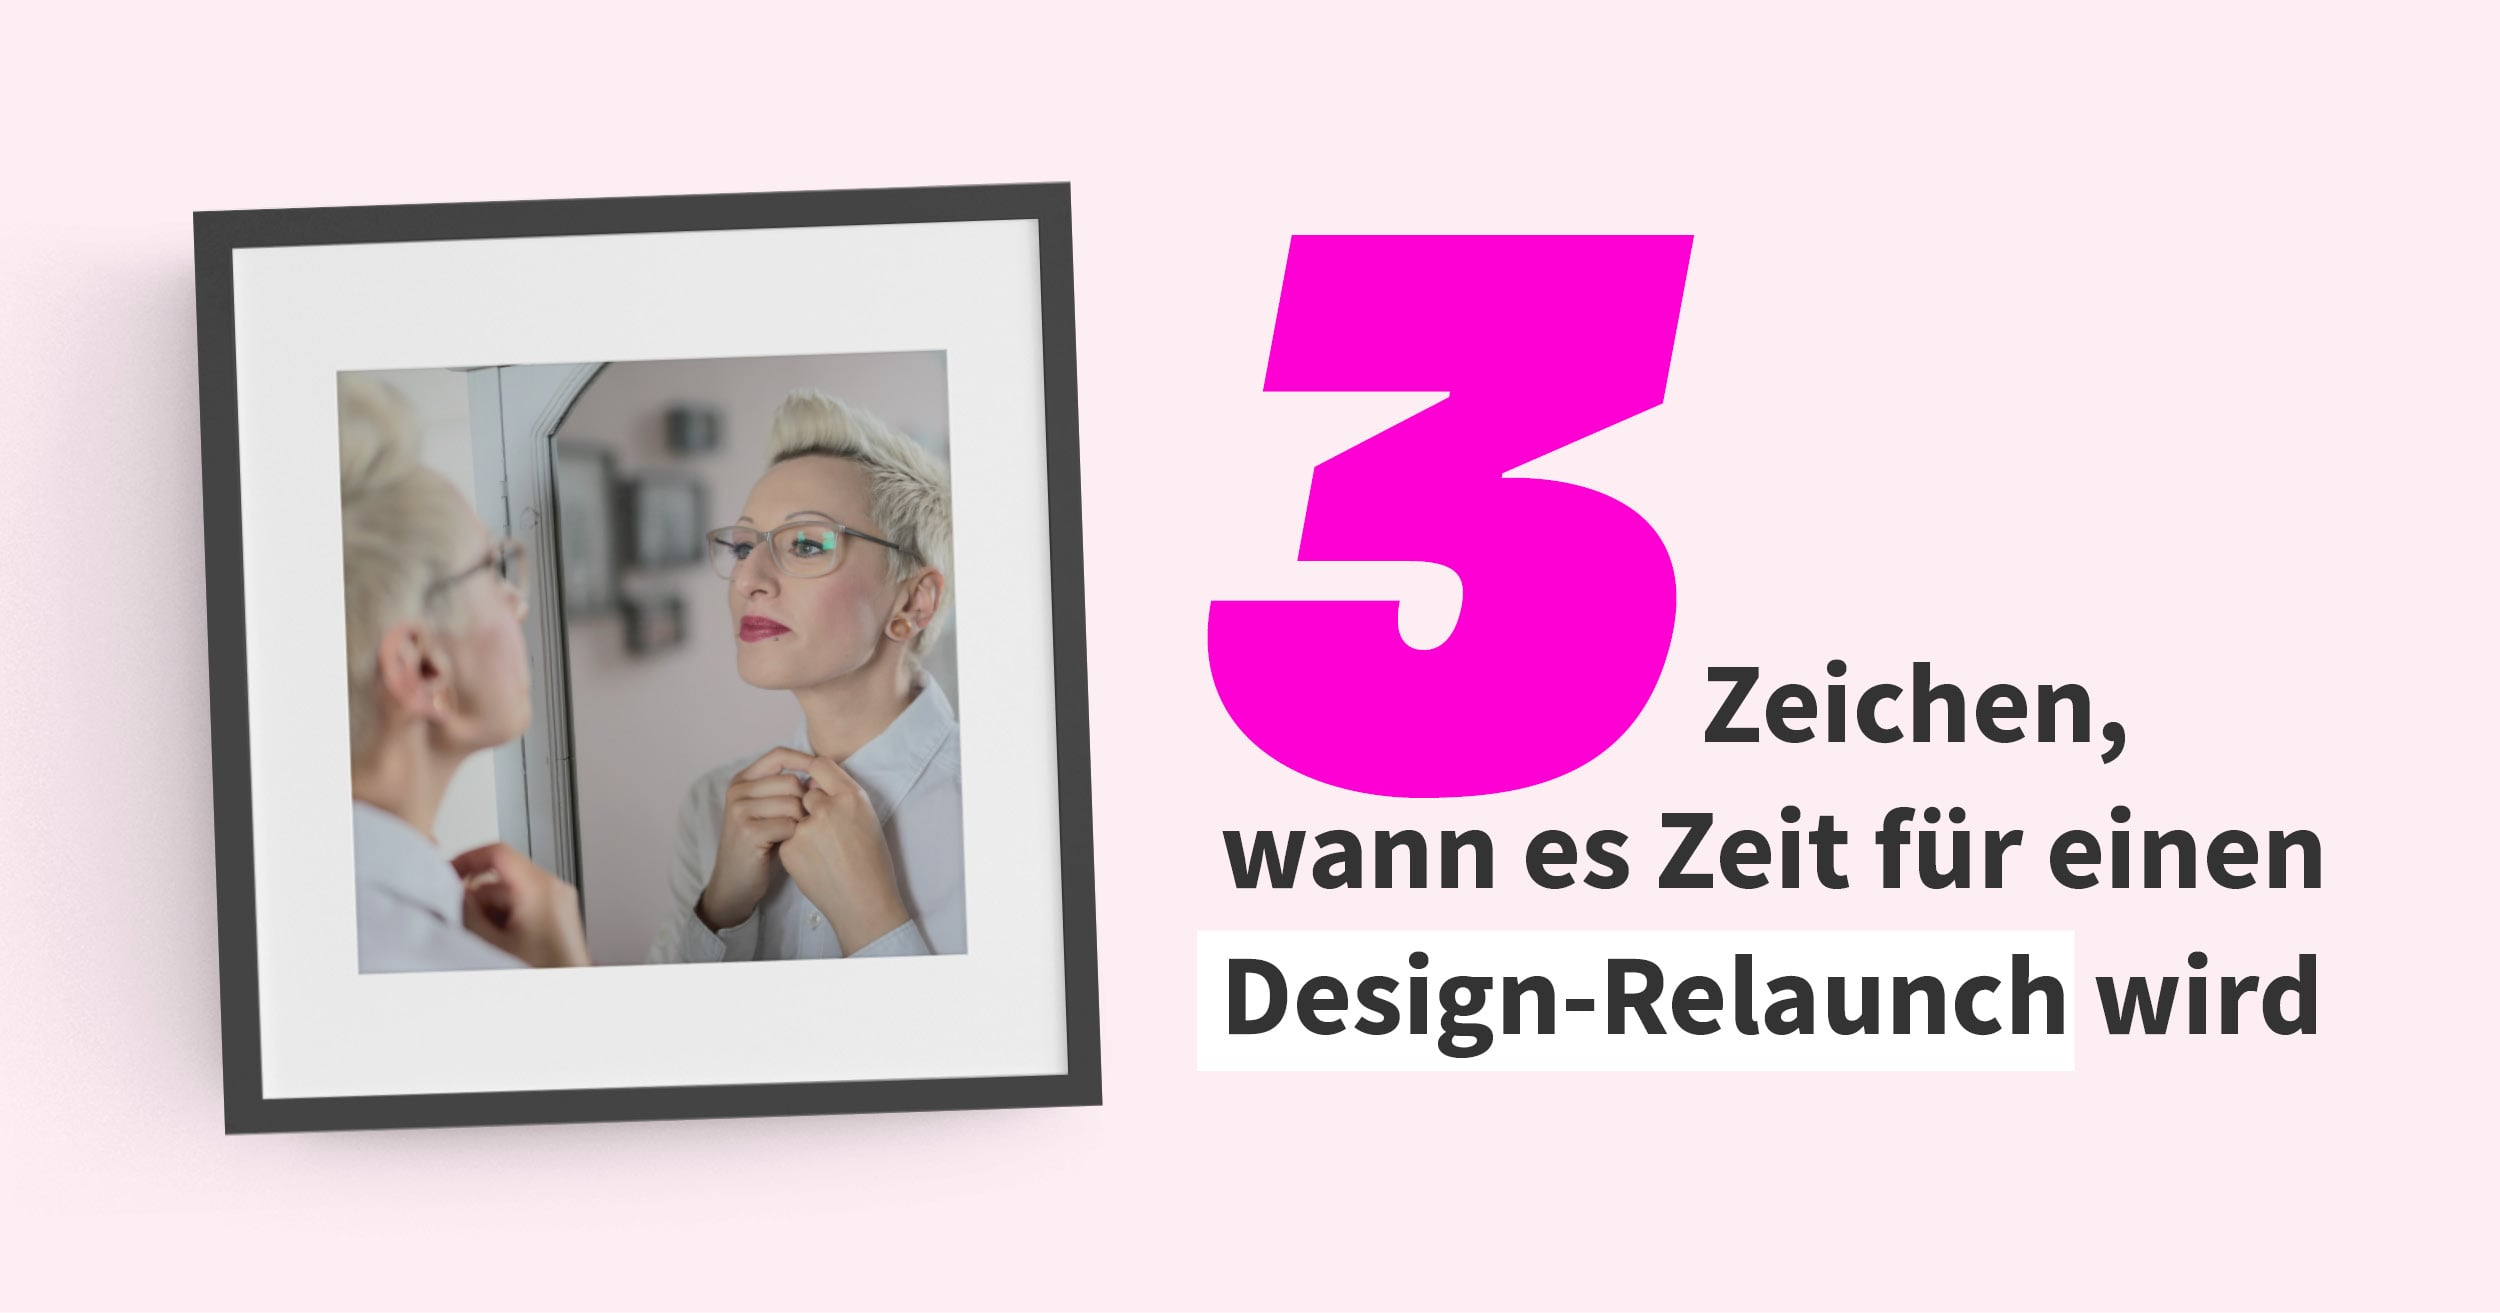 Zeit für einen Design-Relaunch